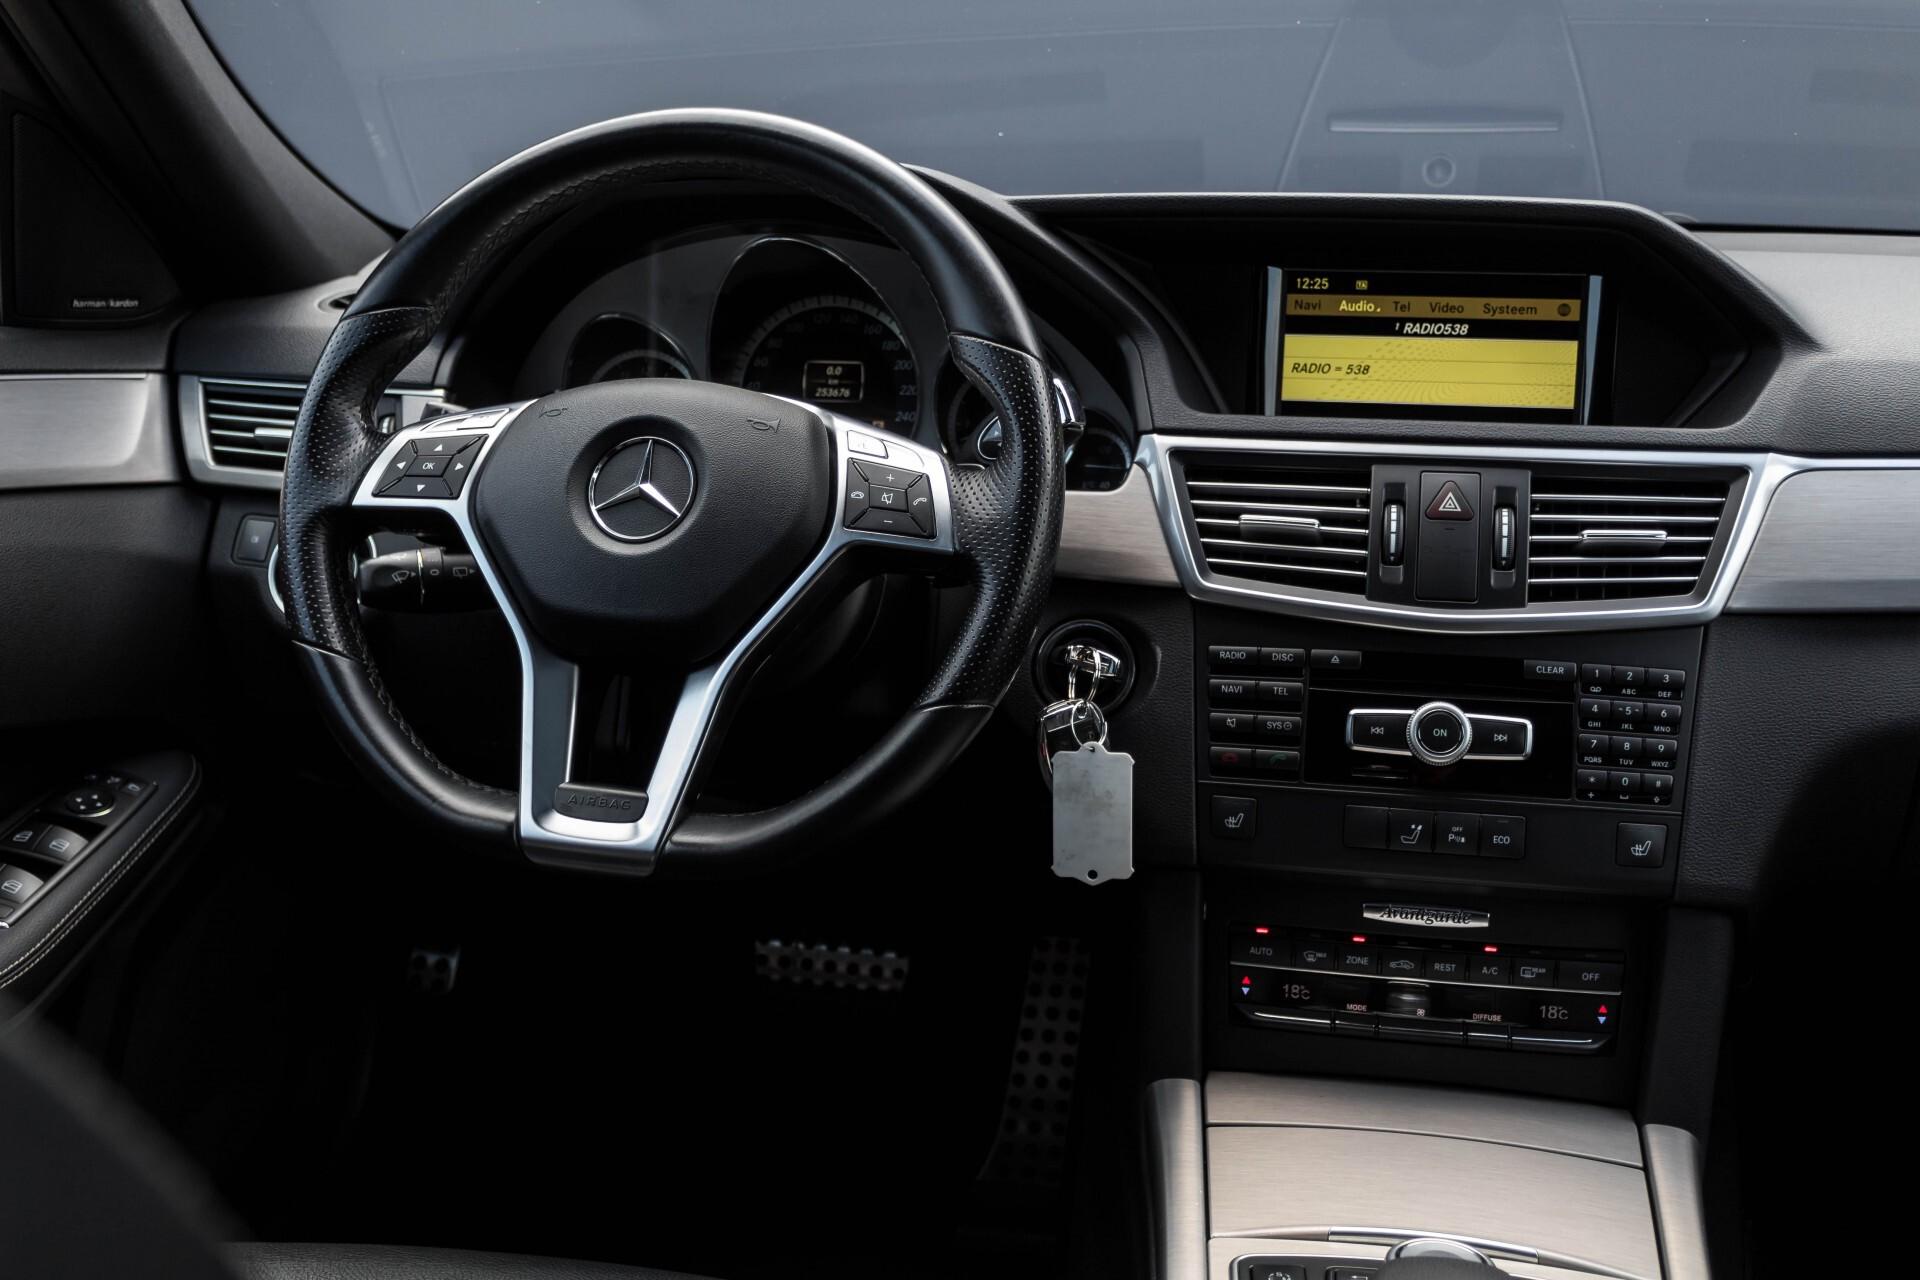 Mercedes-Benz E-Klasse Estate 350 Cdi AMG Luchtvering/Schuifdak/Comand/Harman Kardon/ILS Aut7 Foto 6